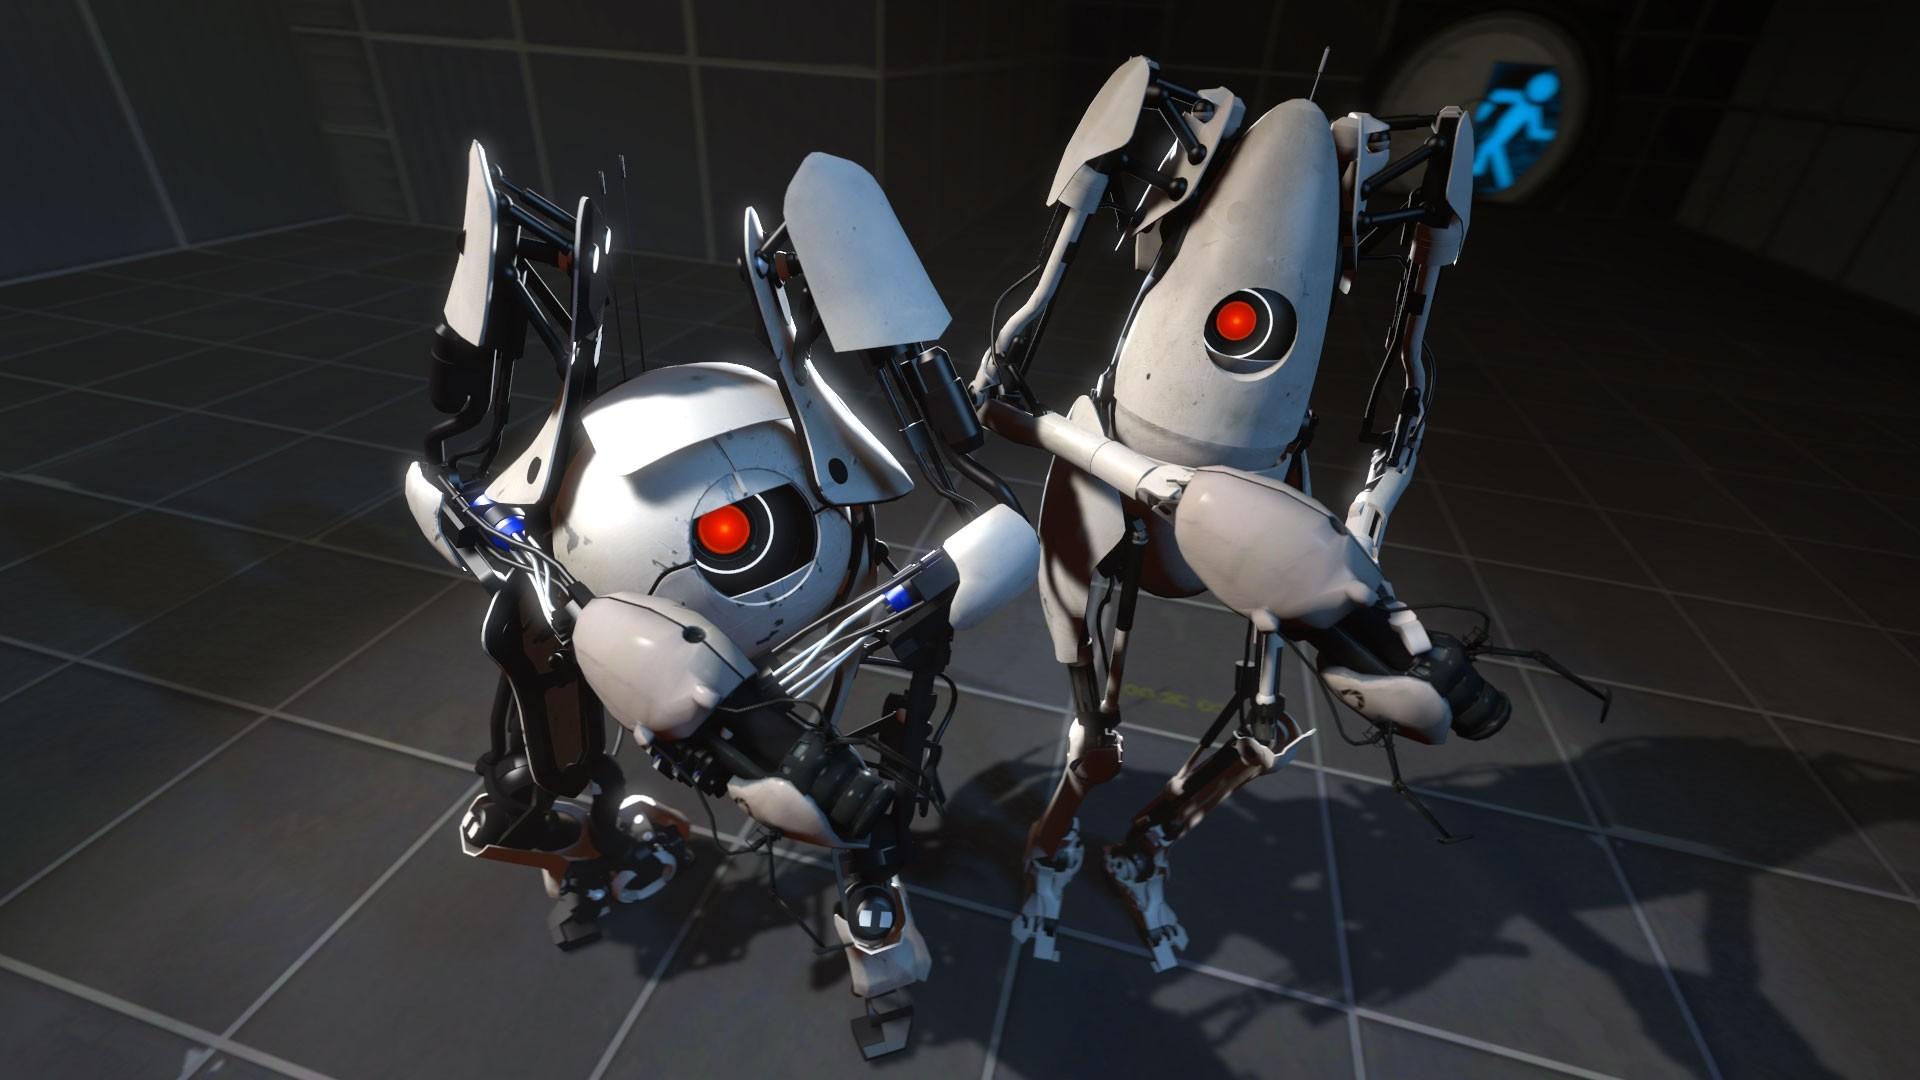 Wallpaper portal 2, robots, gun, friends